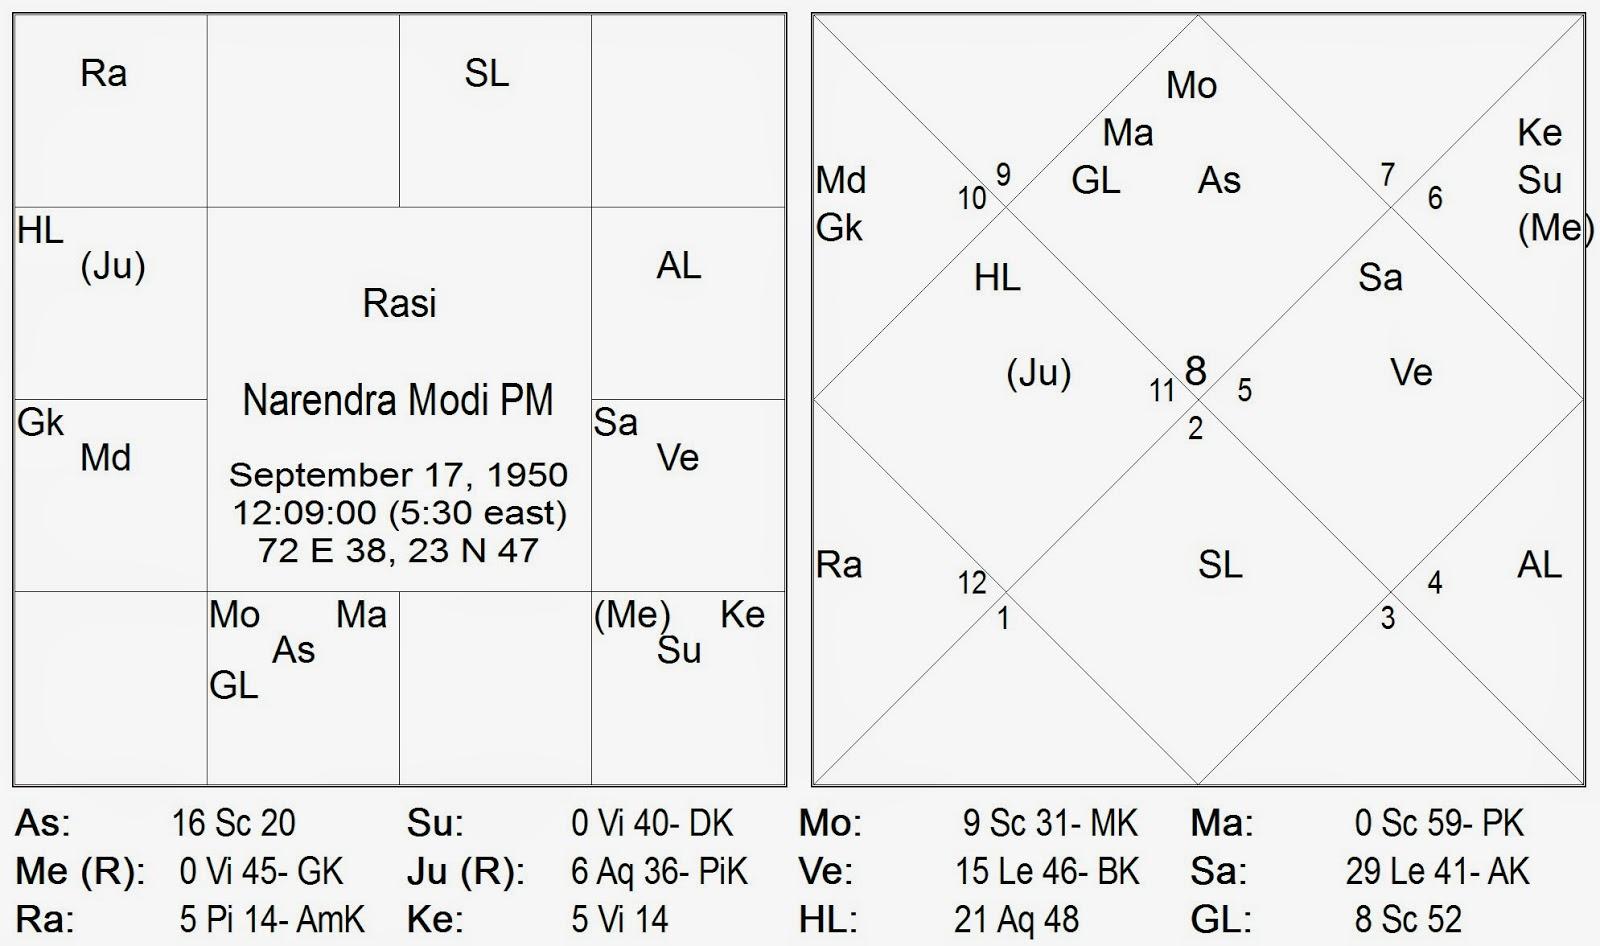 Meena rashi indian astrology